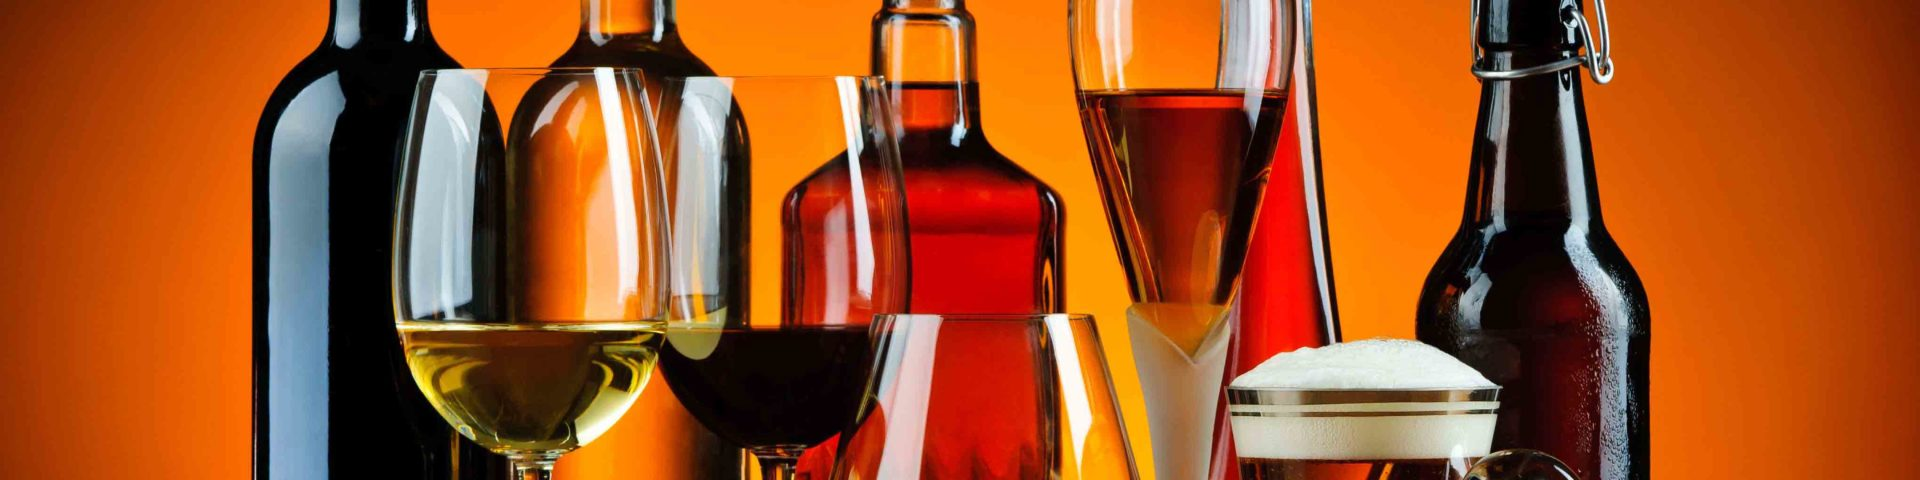 Новости алкогольной индустрии